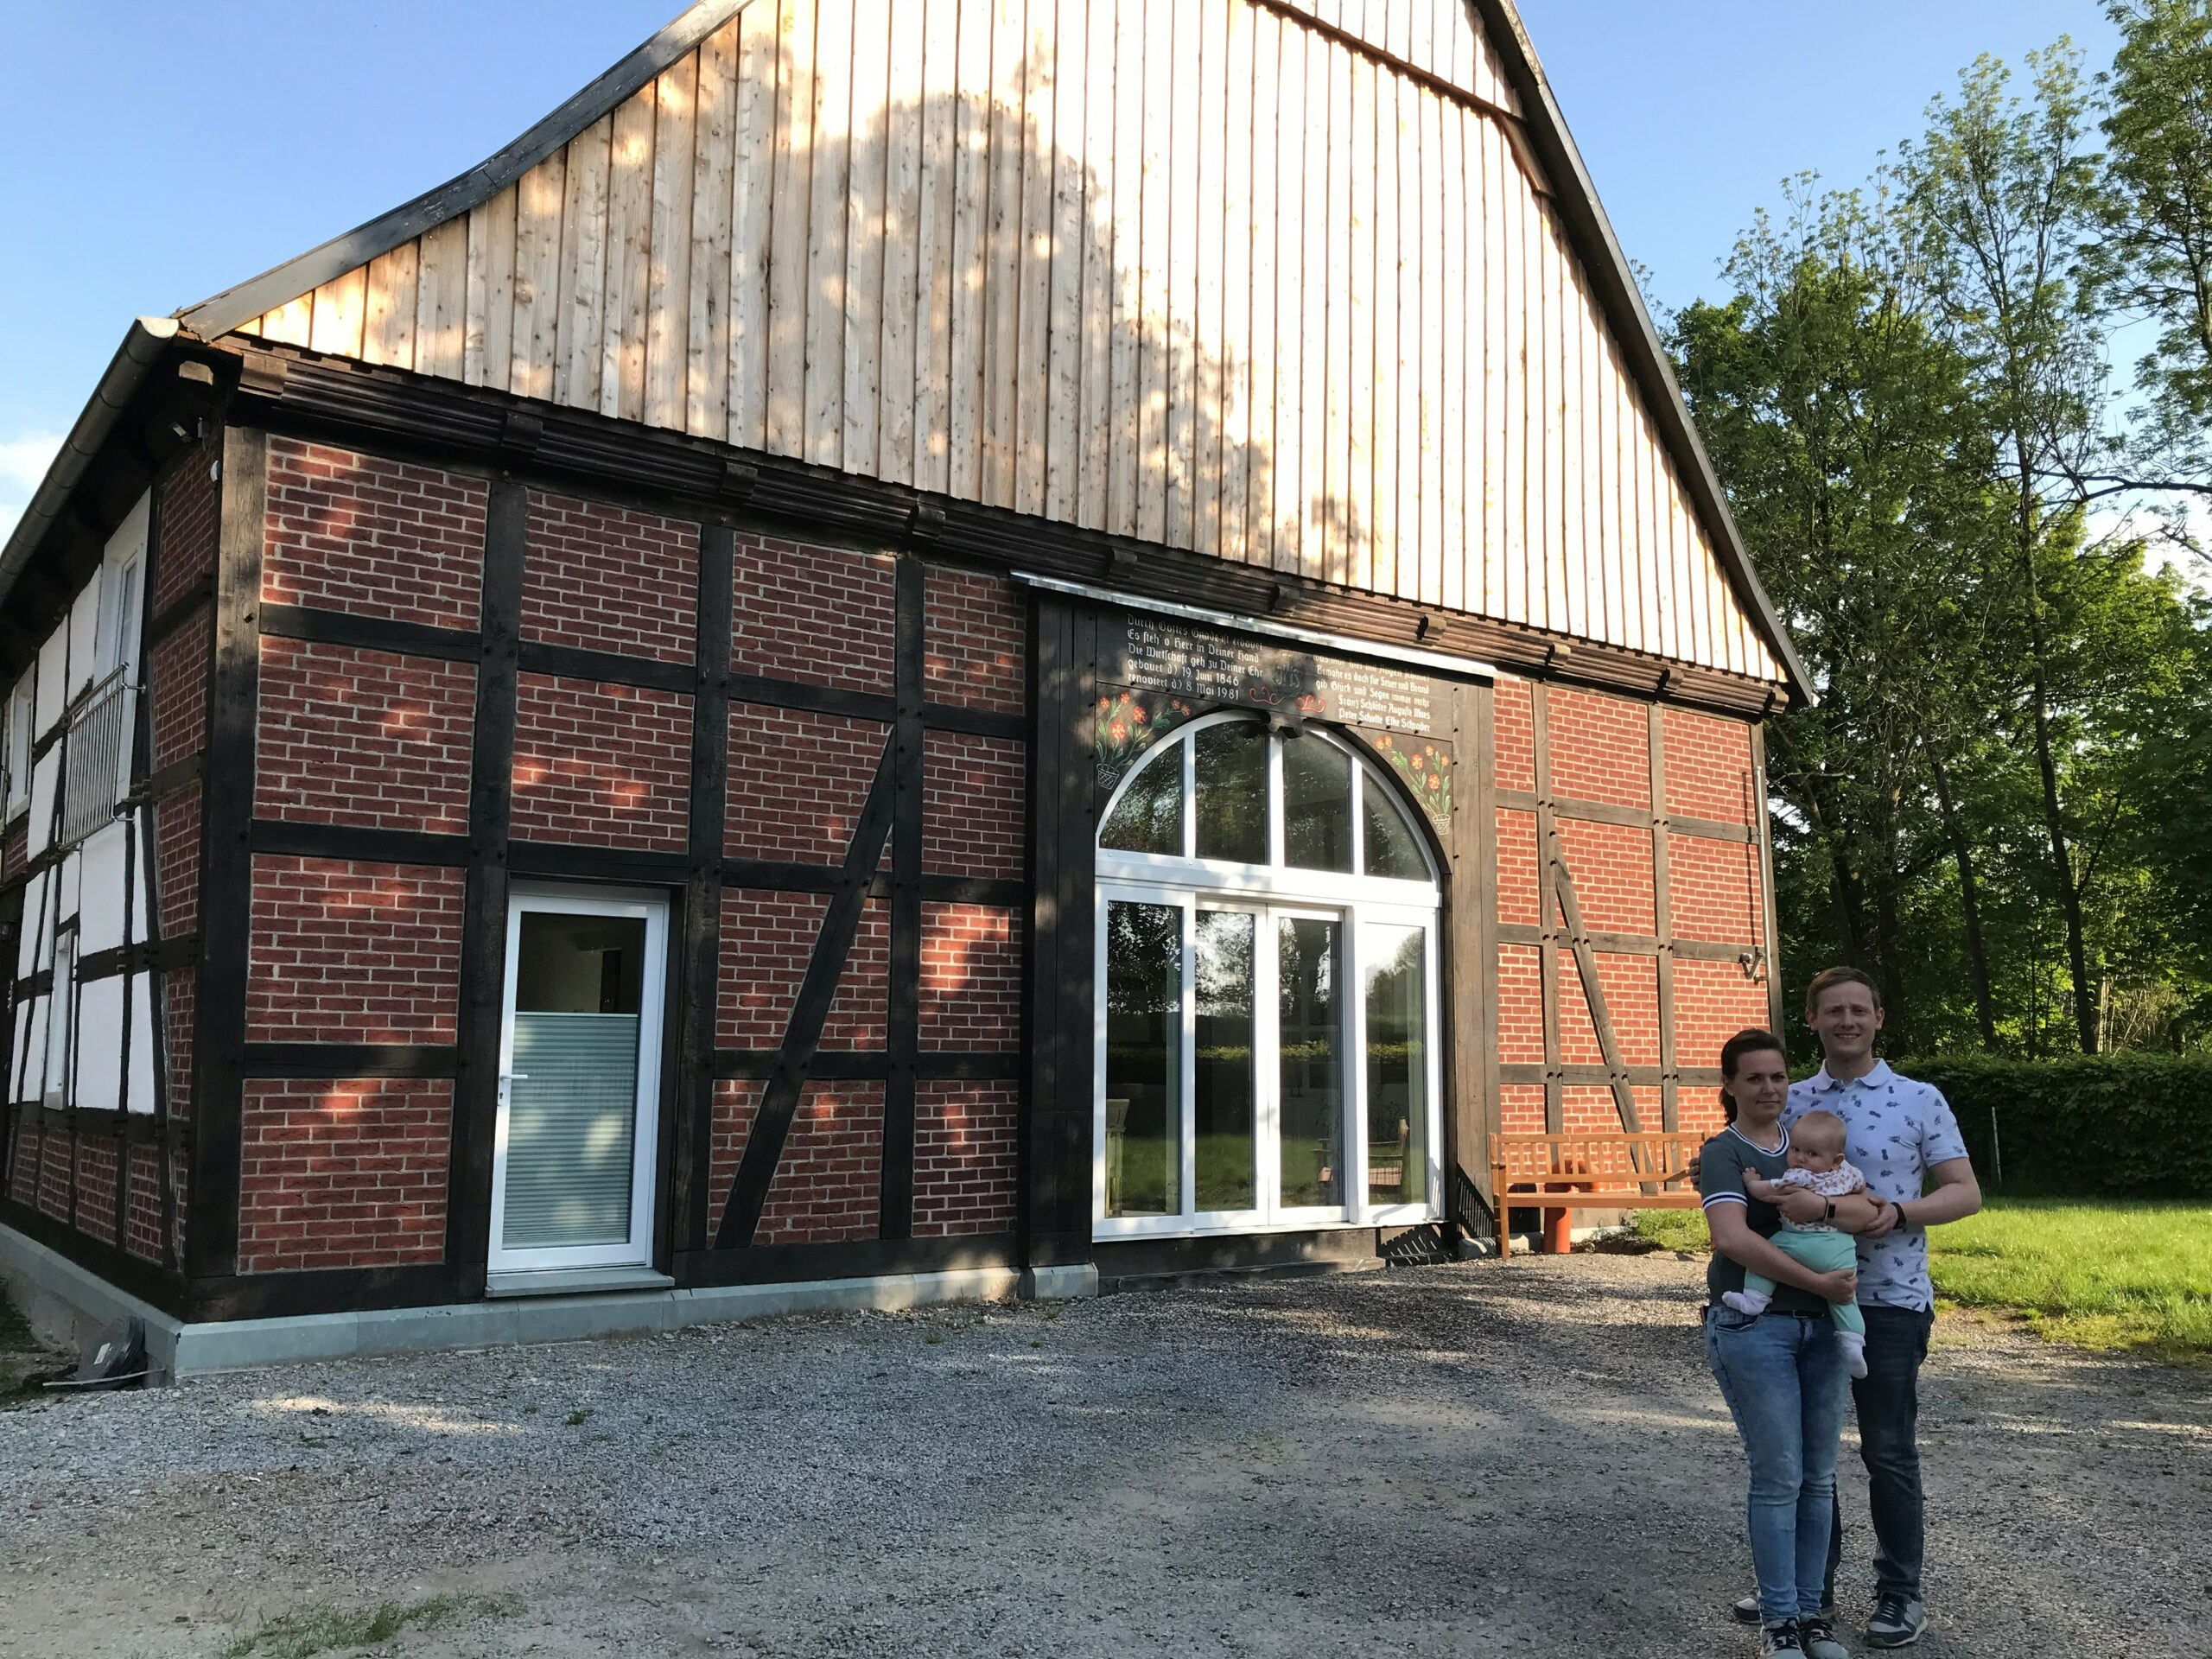 Peter, Jessica und Annabelle Schulte stolz vor ihrem ortsbildprägenden Fachwerkhaus in Westendorf. Eine 35-prozentige Landesförderung hilft bei der Erneuerung des Daches. Foto: privat